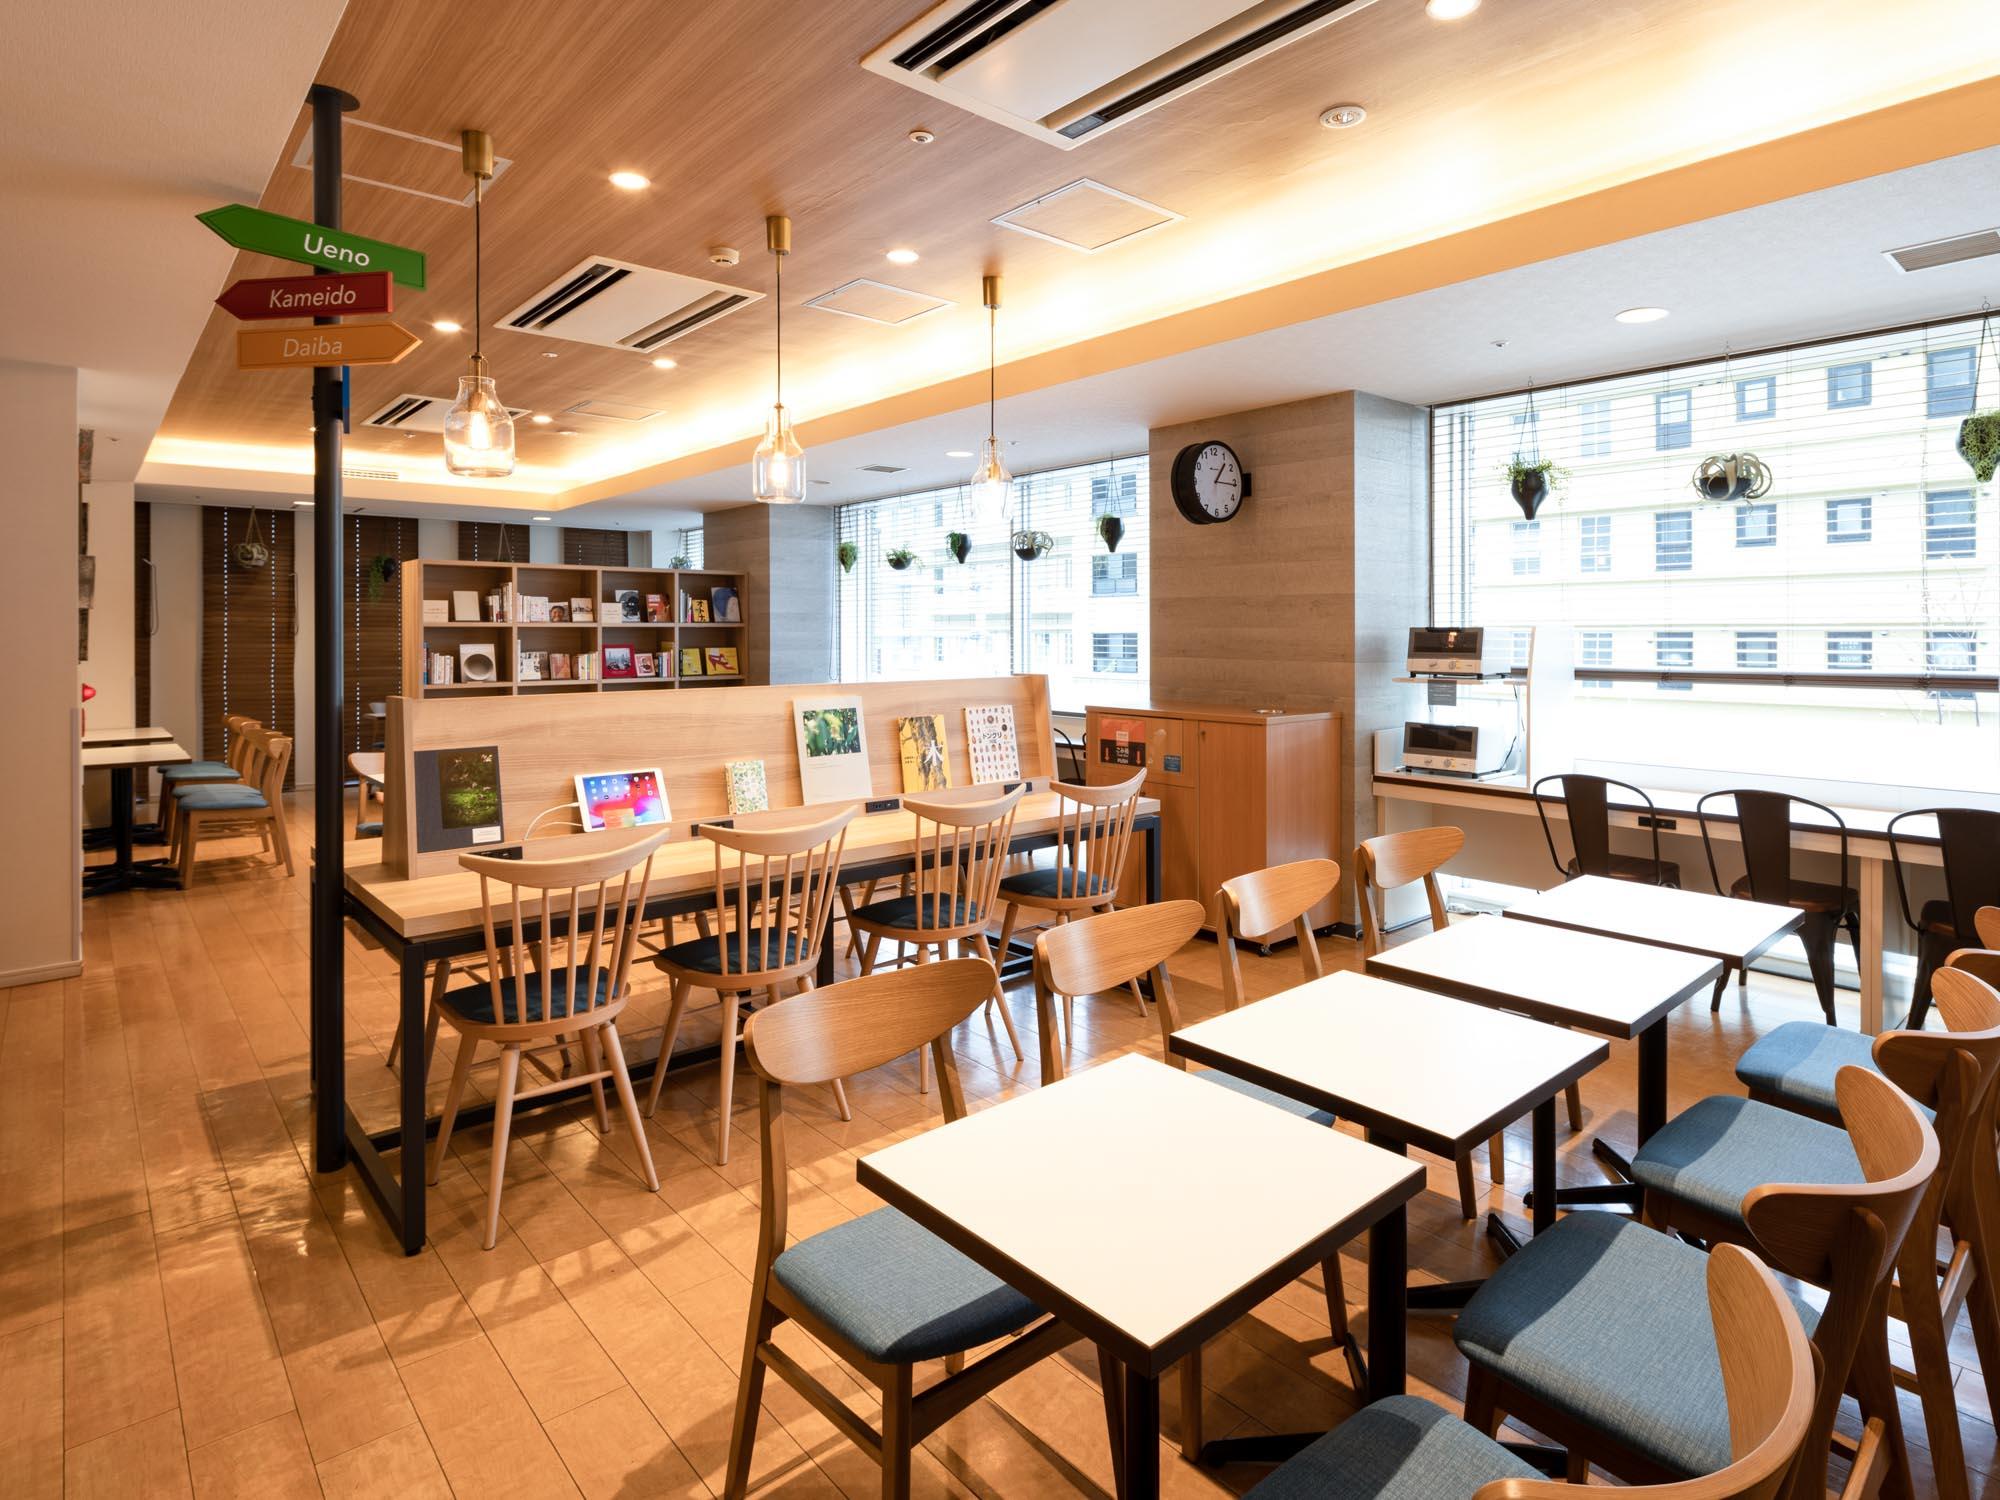 1階にWiFi、電源完備のカフェ&ライブラリーがある人気ホテル。さらに、朝食が無料でついてきて、お得に暮らすことができます。